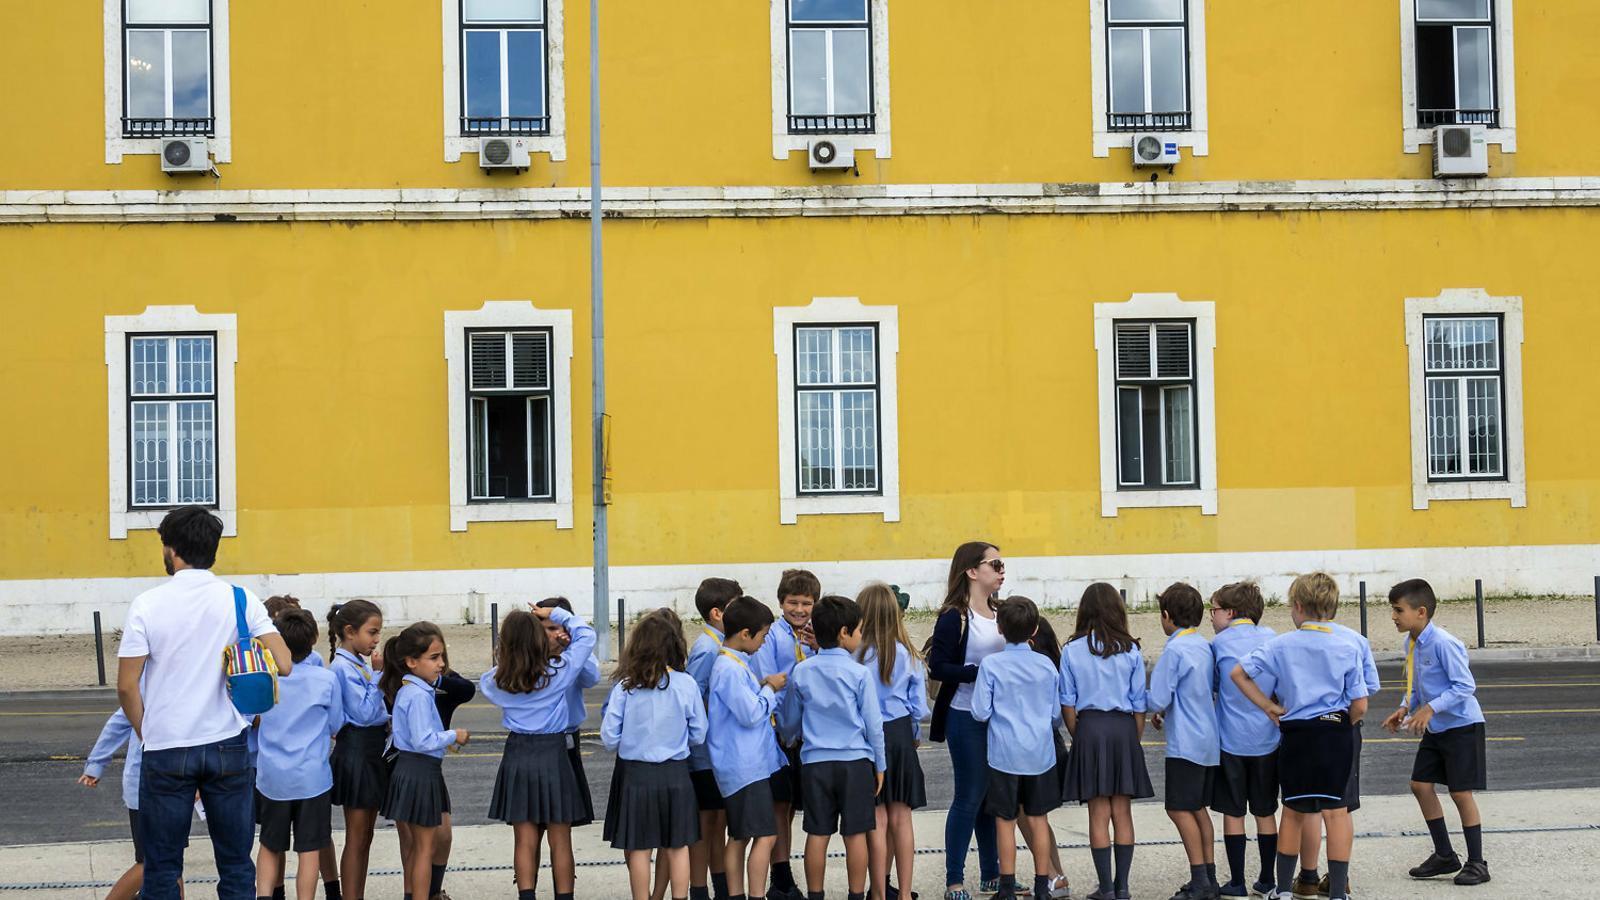 Alumnes d'un centre públic fent cua en un carrer del centre de Lisboa en una sortida escolar. / JEFF GREENBERG / GETTY